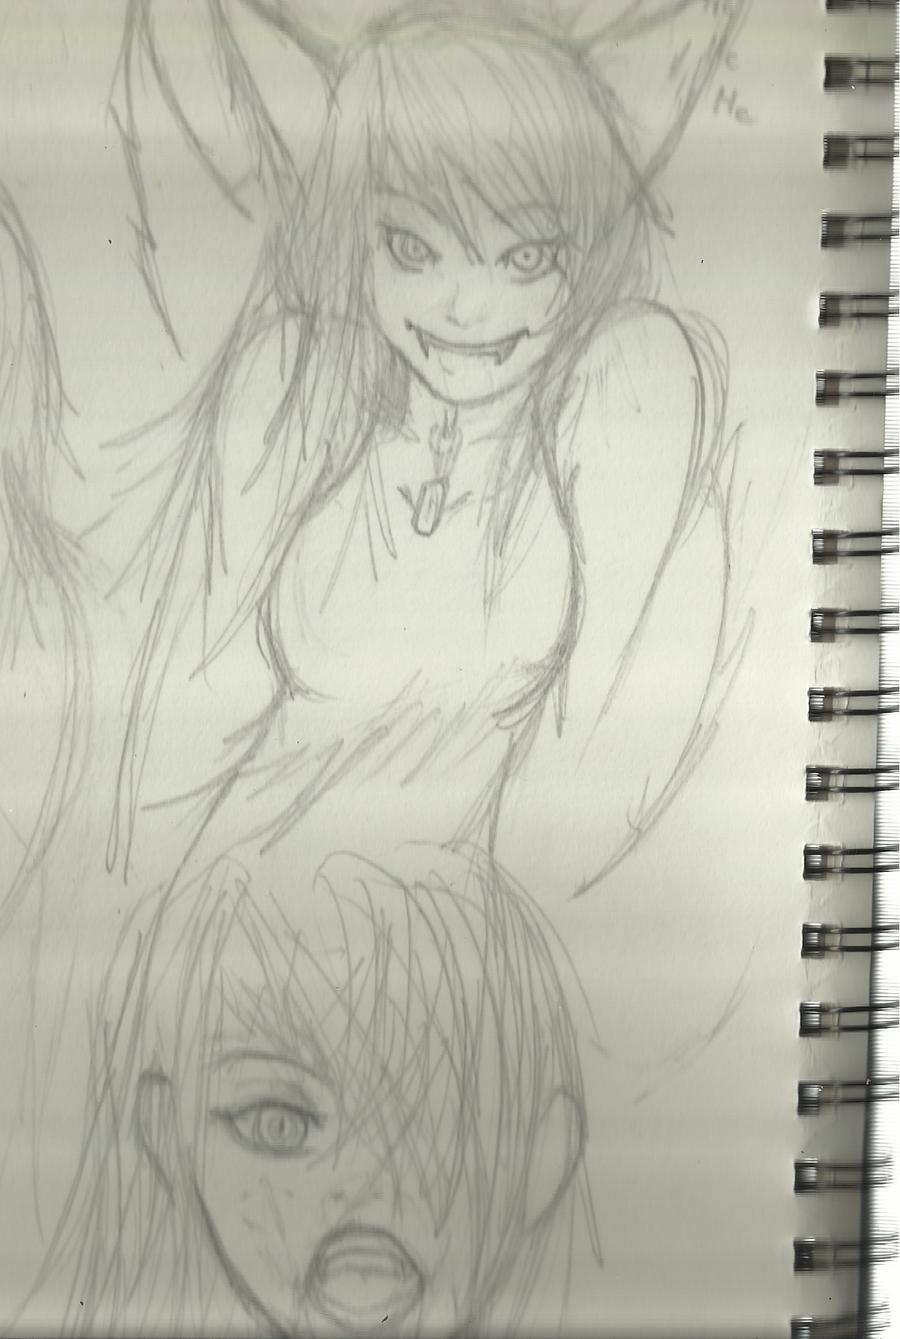 Random Drawings Three by Demon-Shinob1